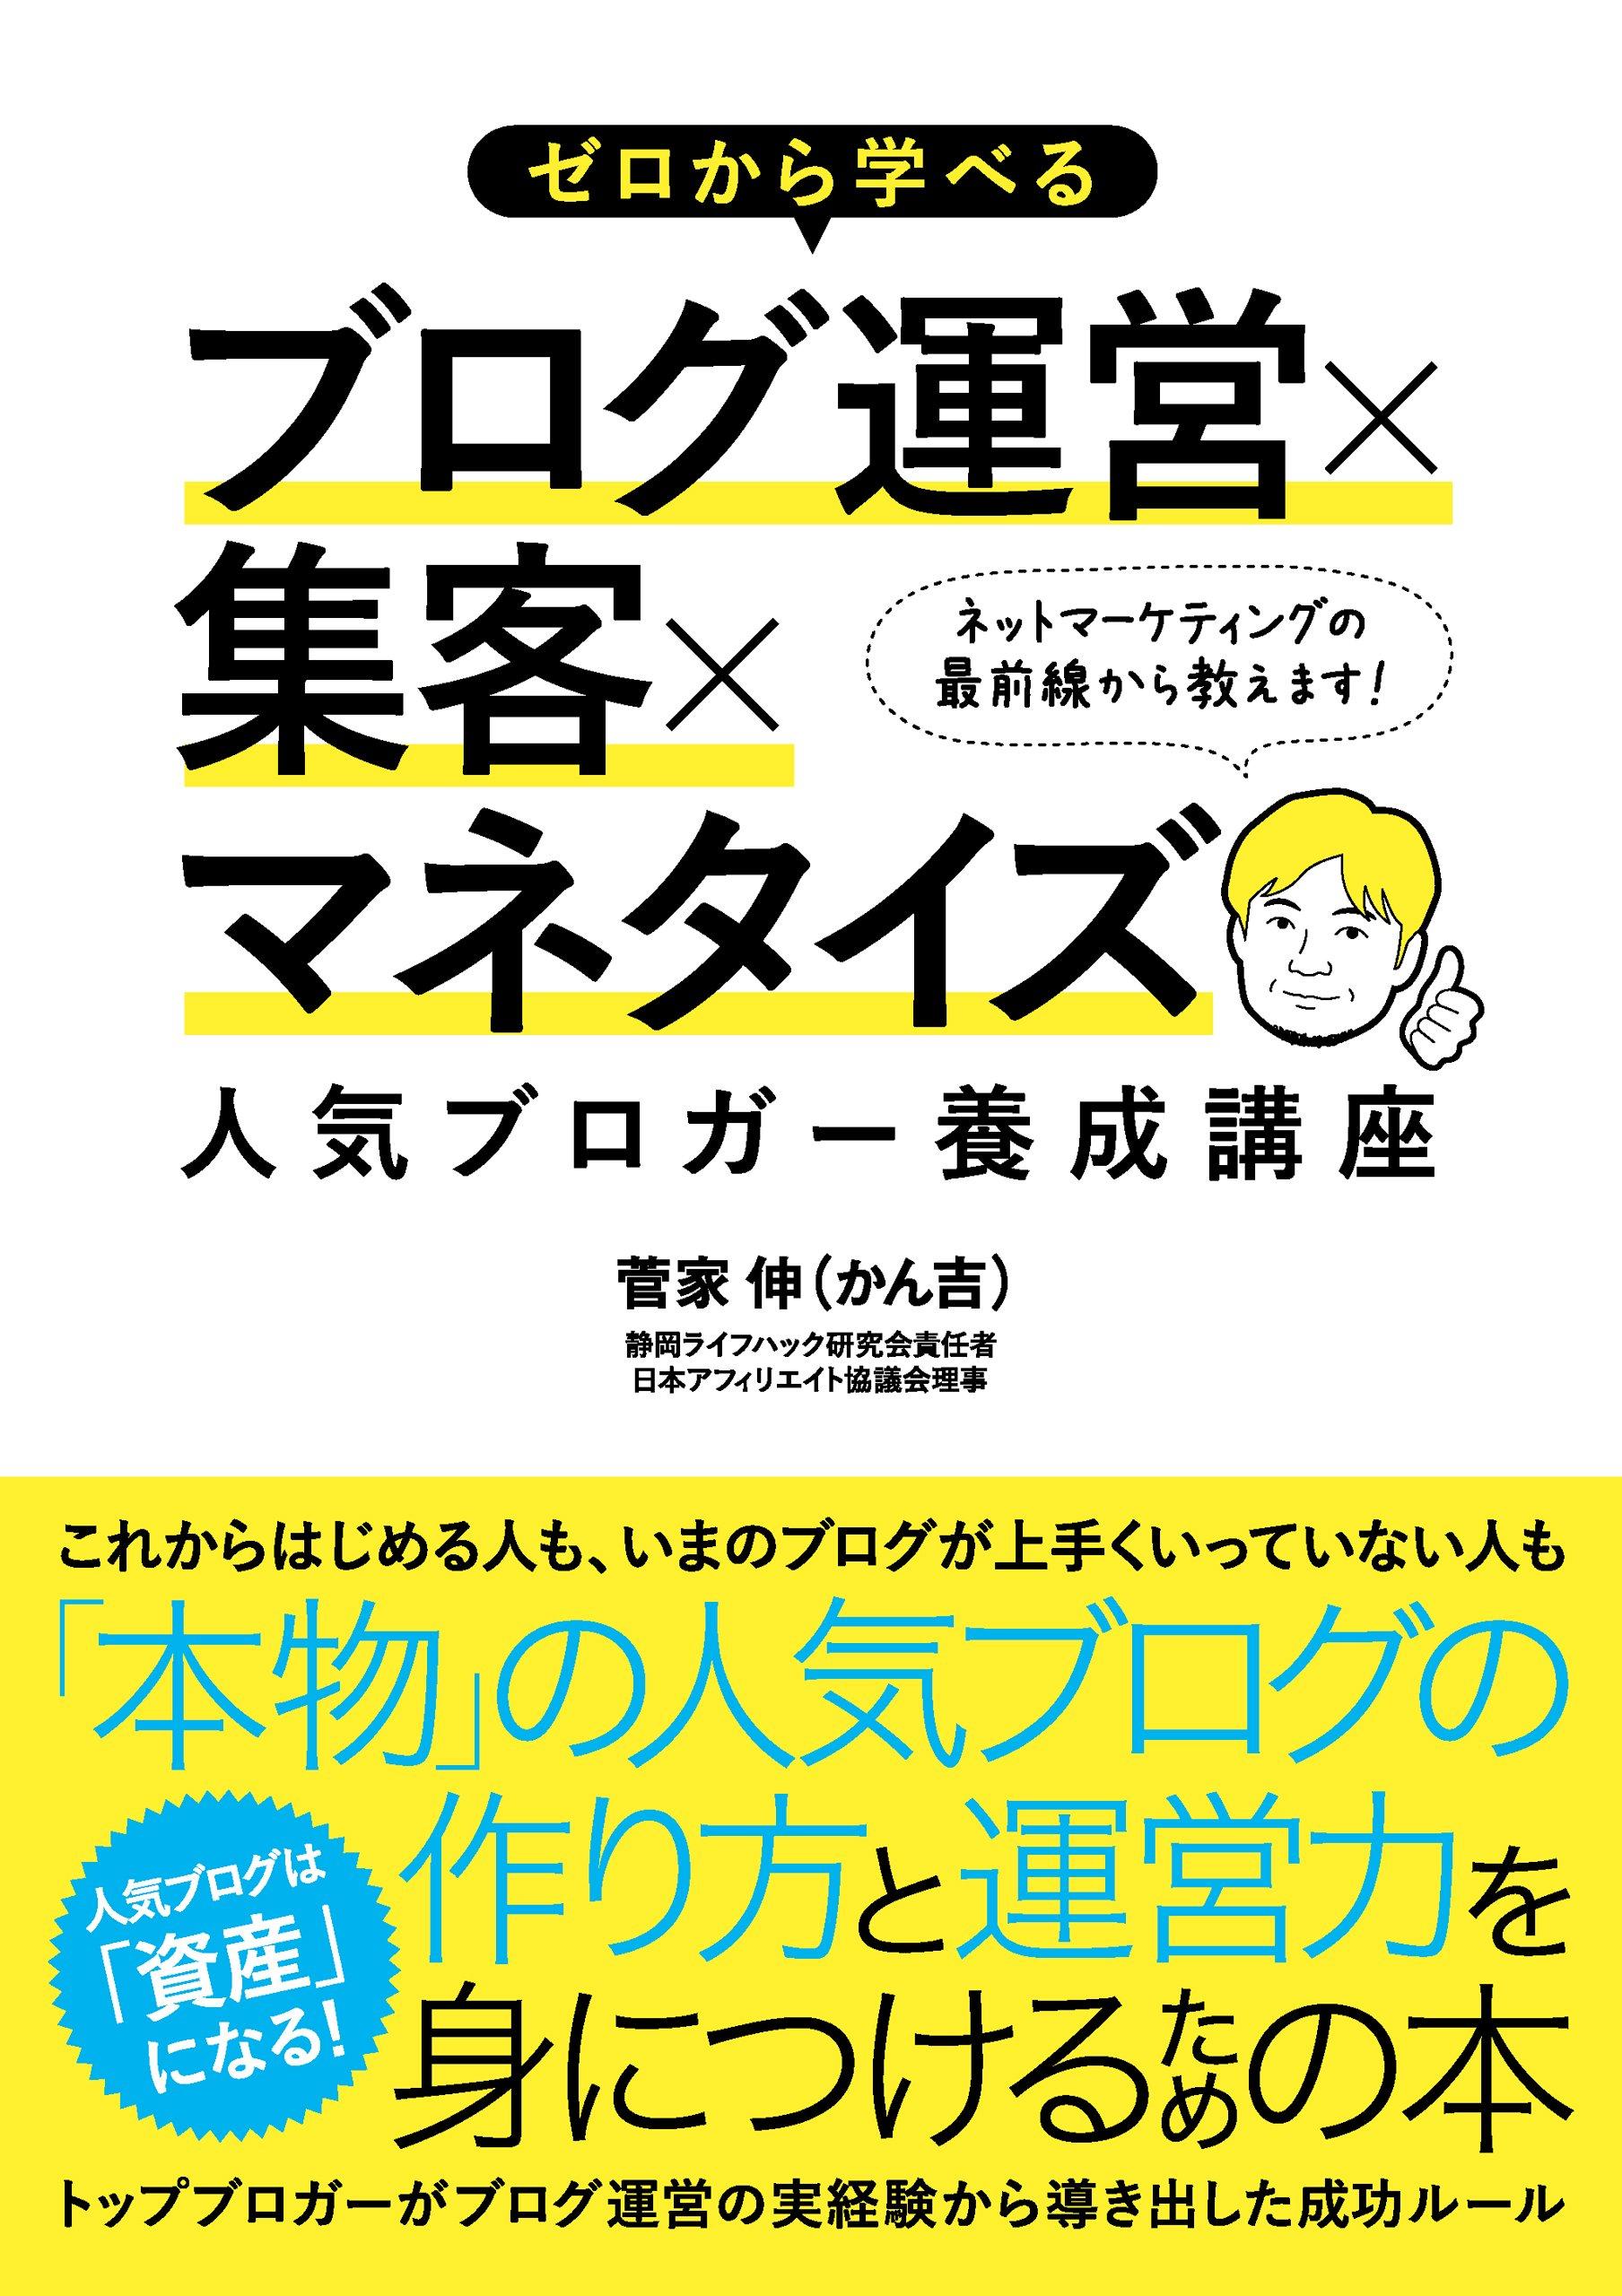 『ゼロから学べるブログ運営×集客×マネタイズ 人気ブロガー養成講座』表紙画像